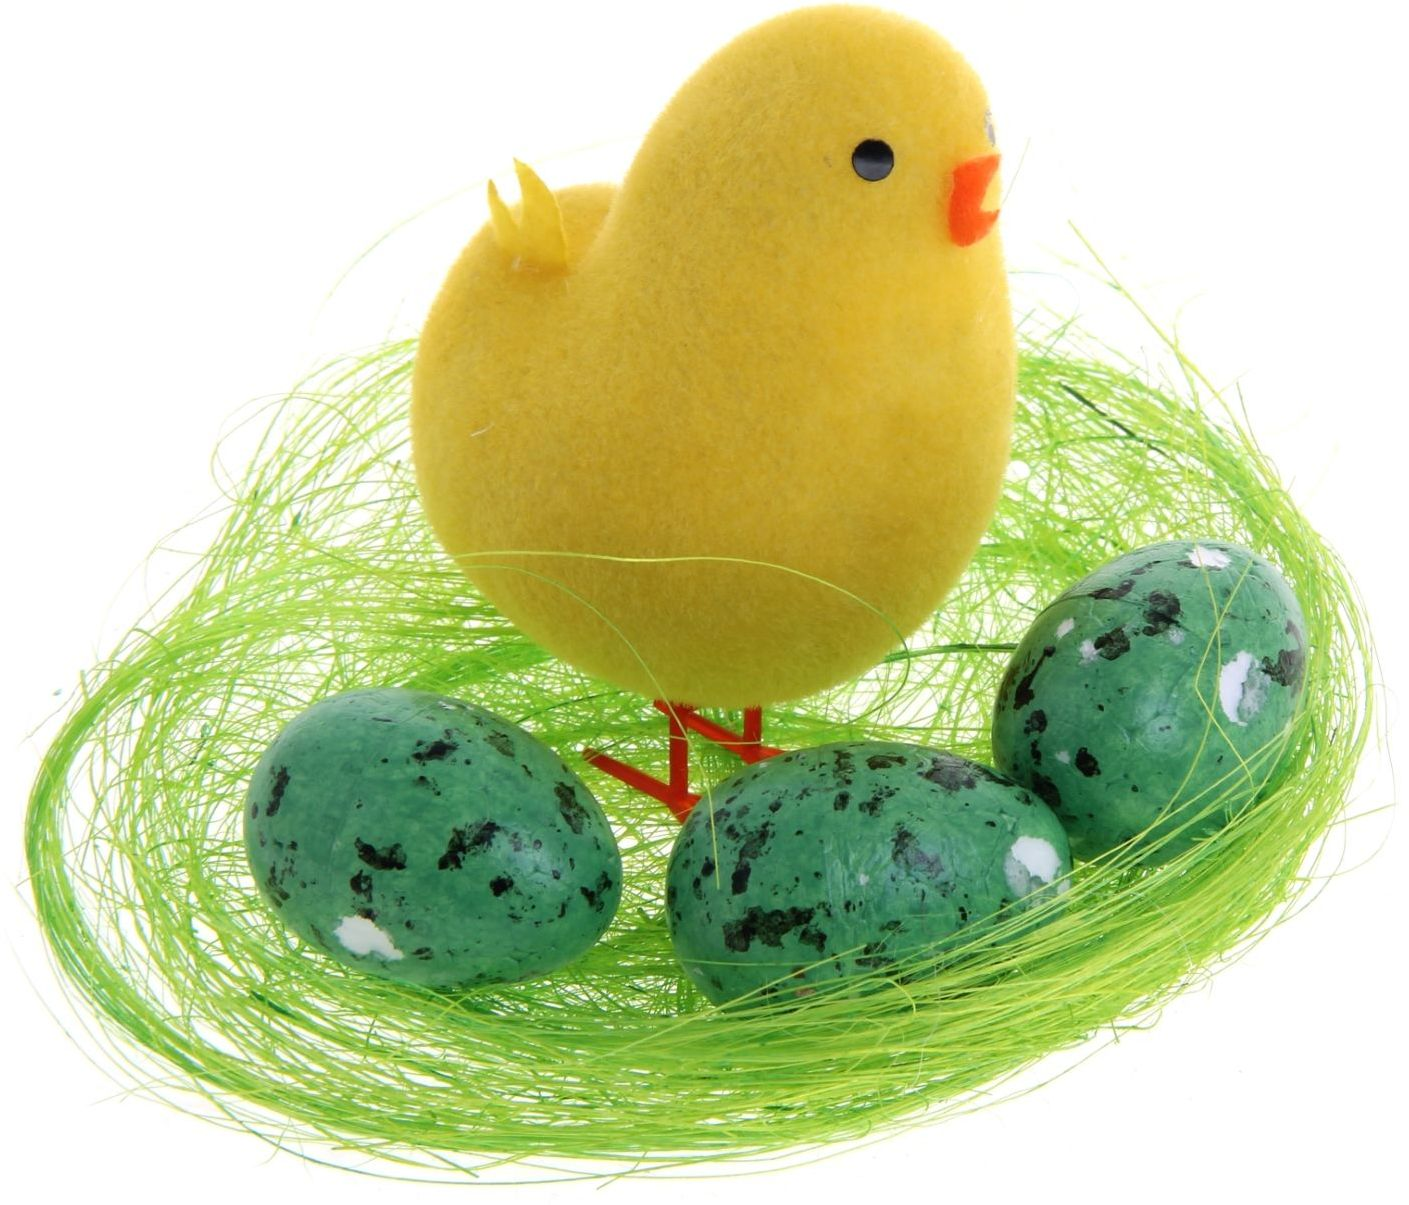 Сувенир пасхальный Sima-land Цыплёнок на травке и три яйца, 6 х 6 х 10 см1840077Дарить подарки на Пасху – это такая же традиция, как красить яйца и выпекать куличи. Презенты вдвойне приятнее, если они несут в себе сакральный смысл и имеют какое-то значение.Сувенир Цыплёнок на травке и три яйца, цвета МИКС - это символ возрождения и непрерывности жизни. С его помощью вы сможете украсить жилище, преподнести его близкому человеку или использовать при сервировке стола всю пасхальную неделю. Кроме того, пасхальные цыплята нравятся маленьким деткам.